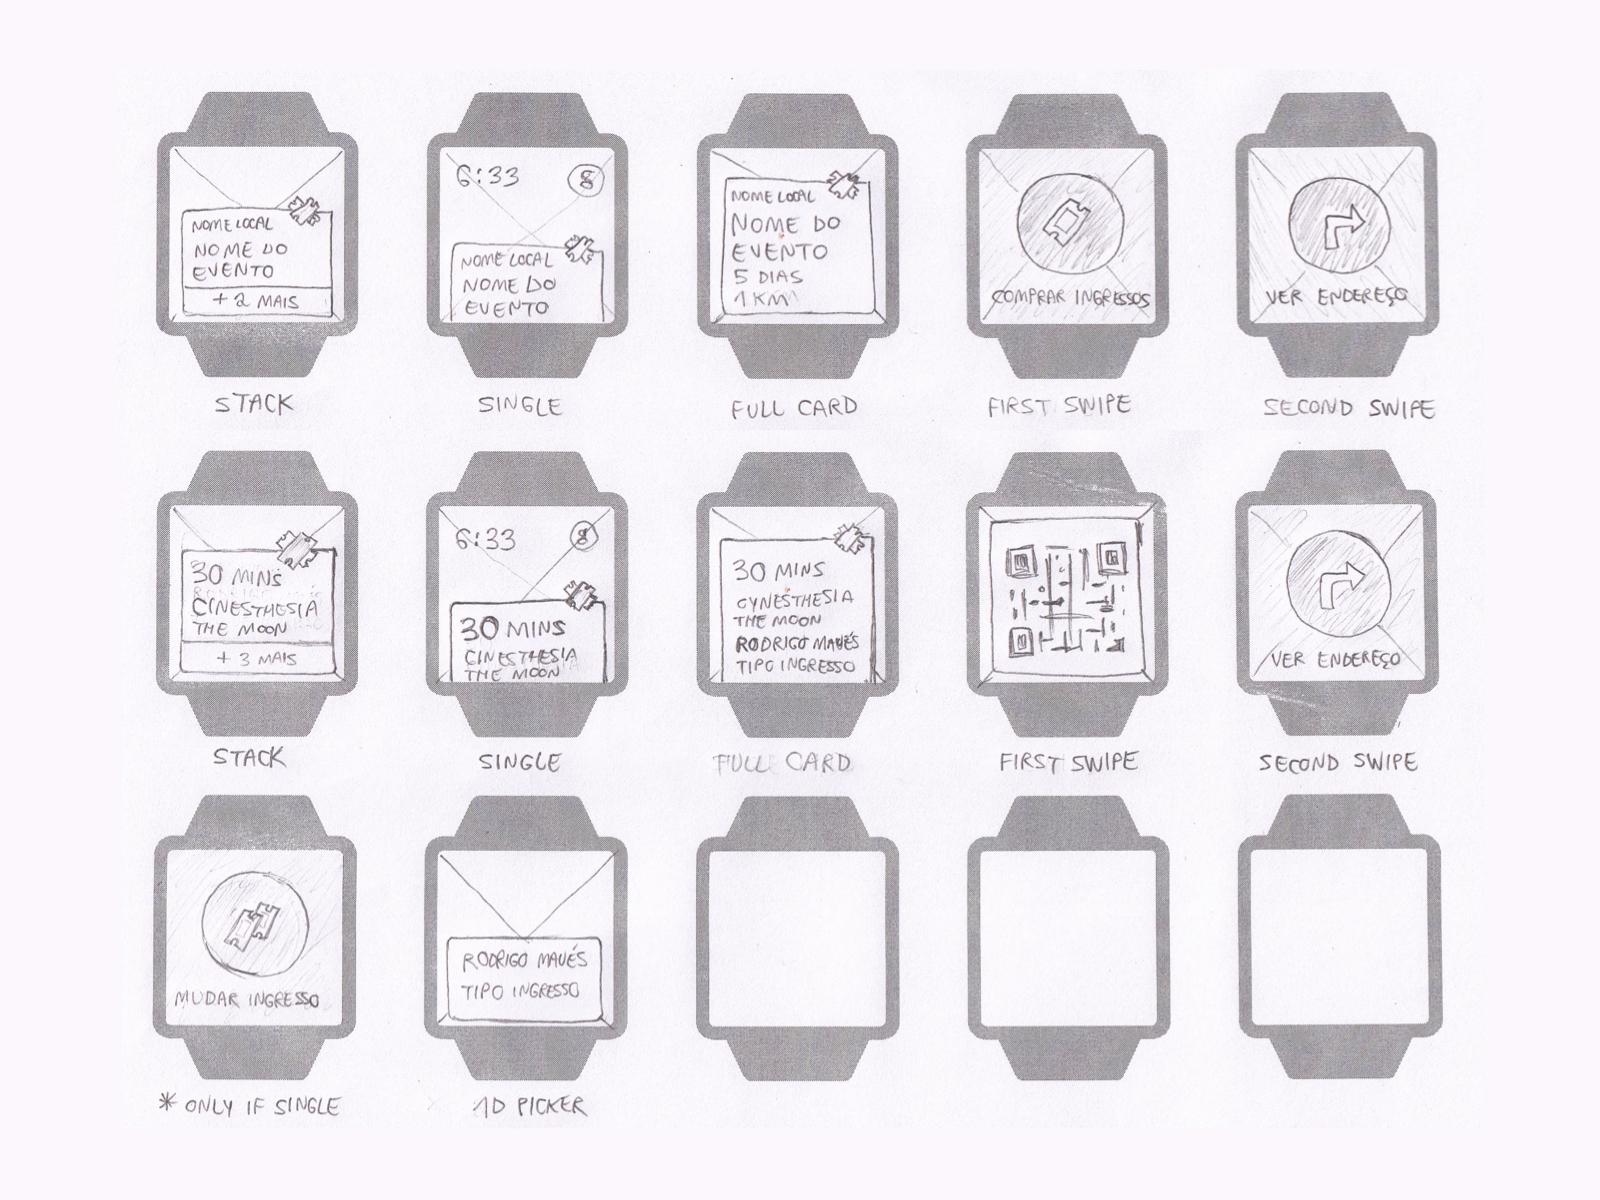 Ingresse Watch Apps 3.jpg